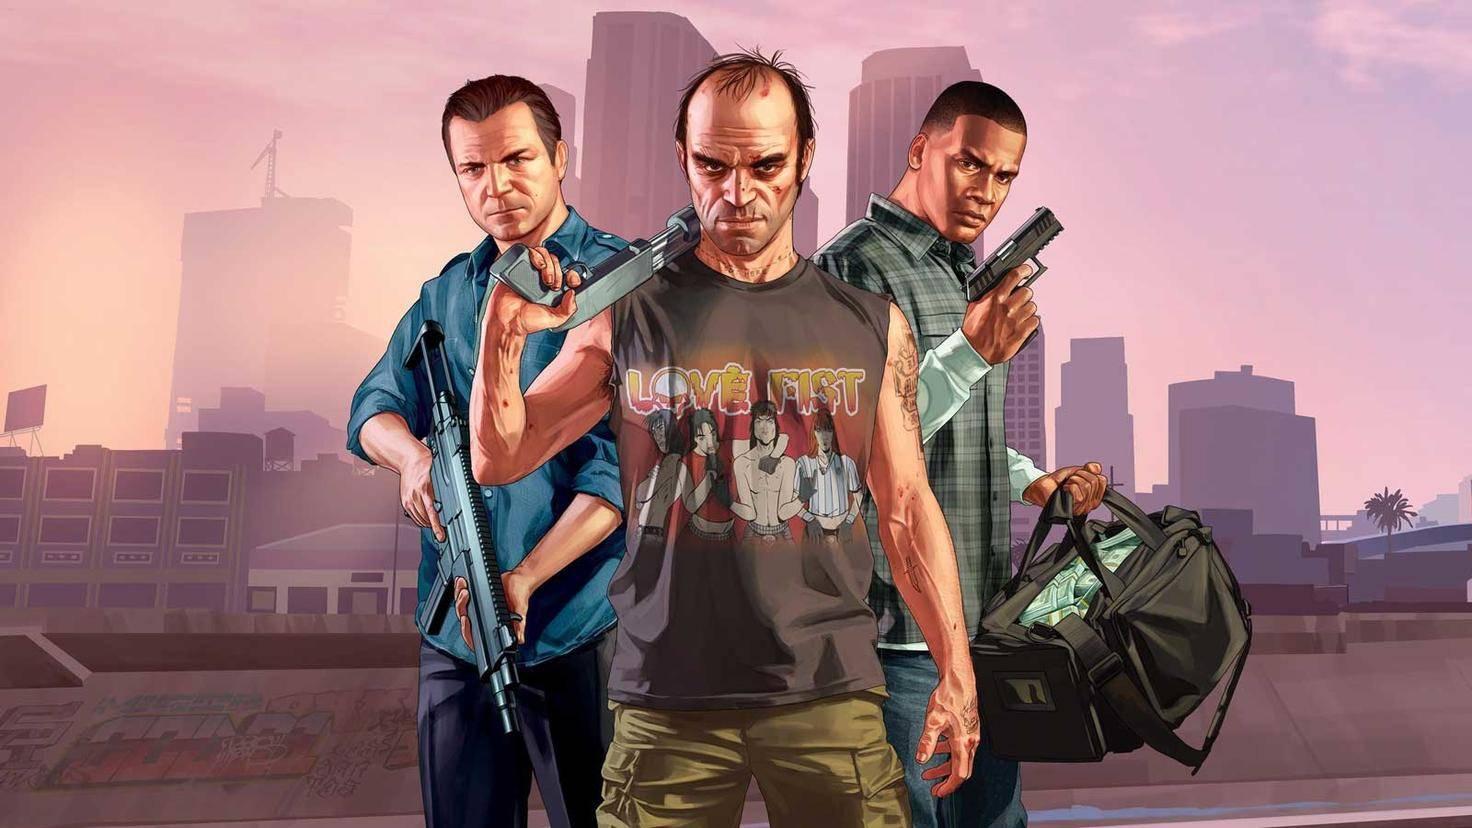 """Wirklich nur sinnlose Gewalt? Oder steckt in """"GTA 5"""" nicht doch mehr?"""